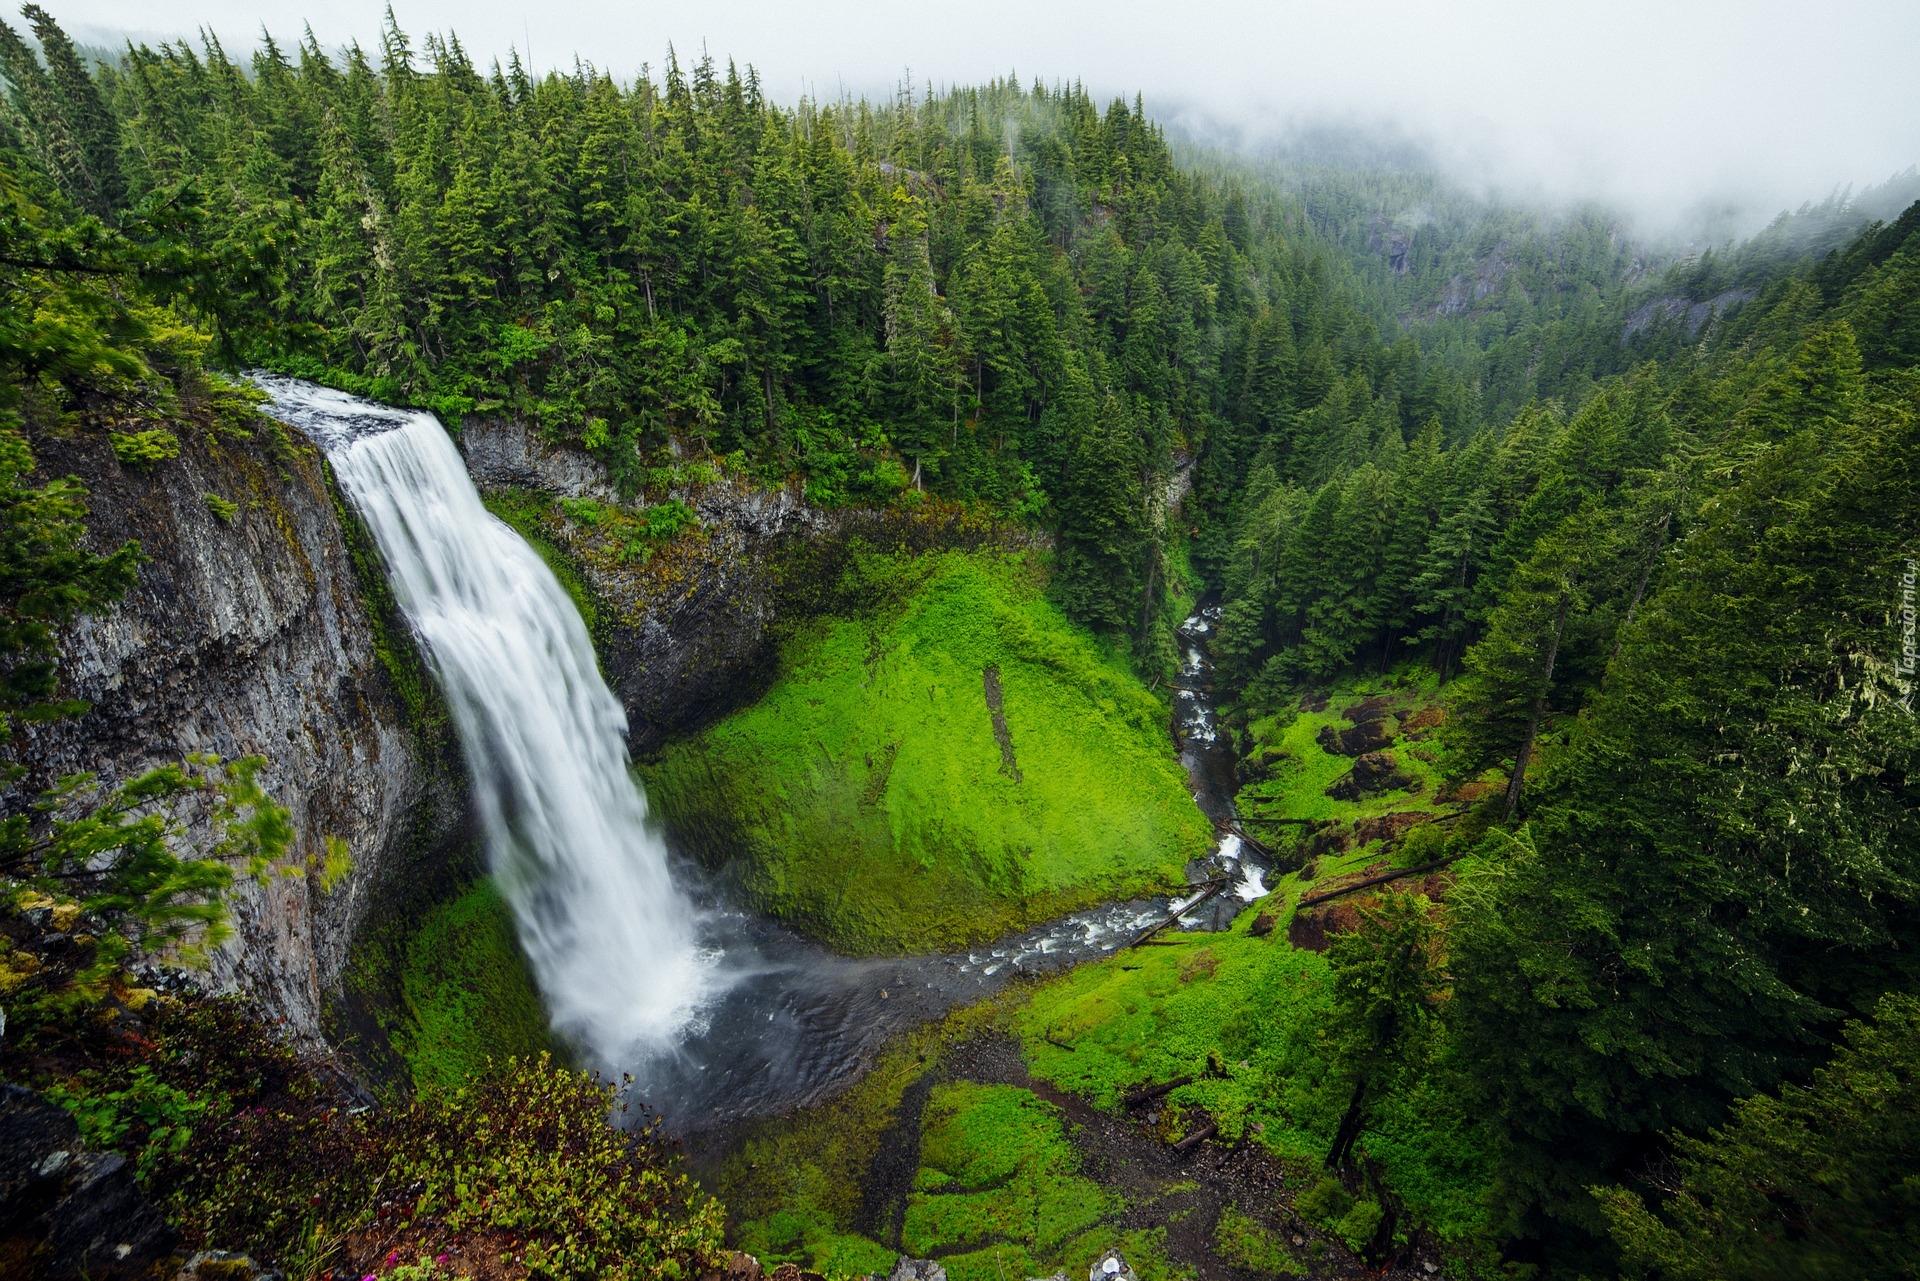 tapeta-wodospad-salt-creek-falls-w-oregonie.jpg